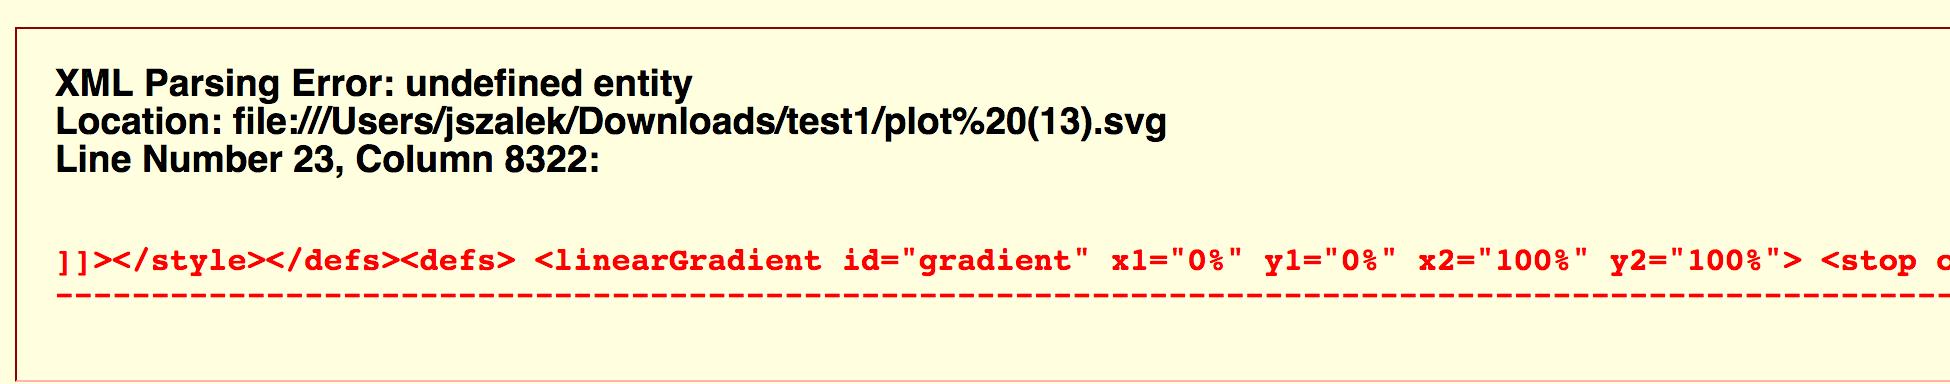 xmlexception error